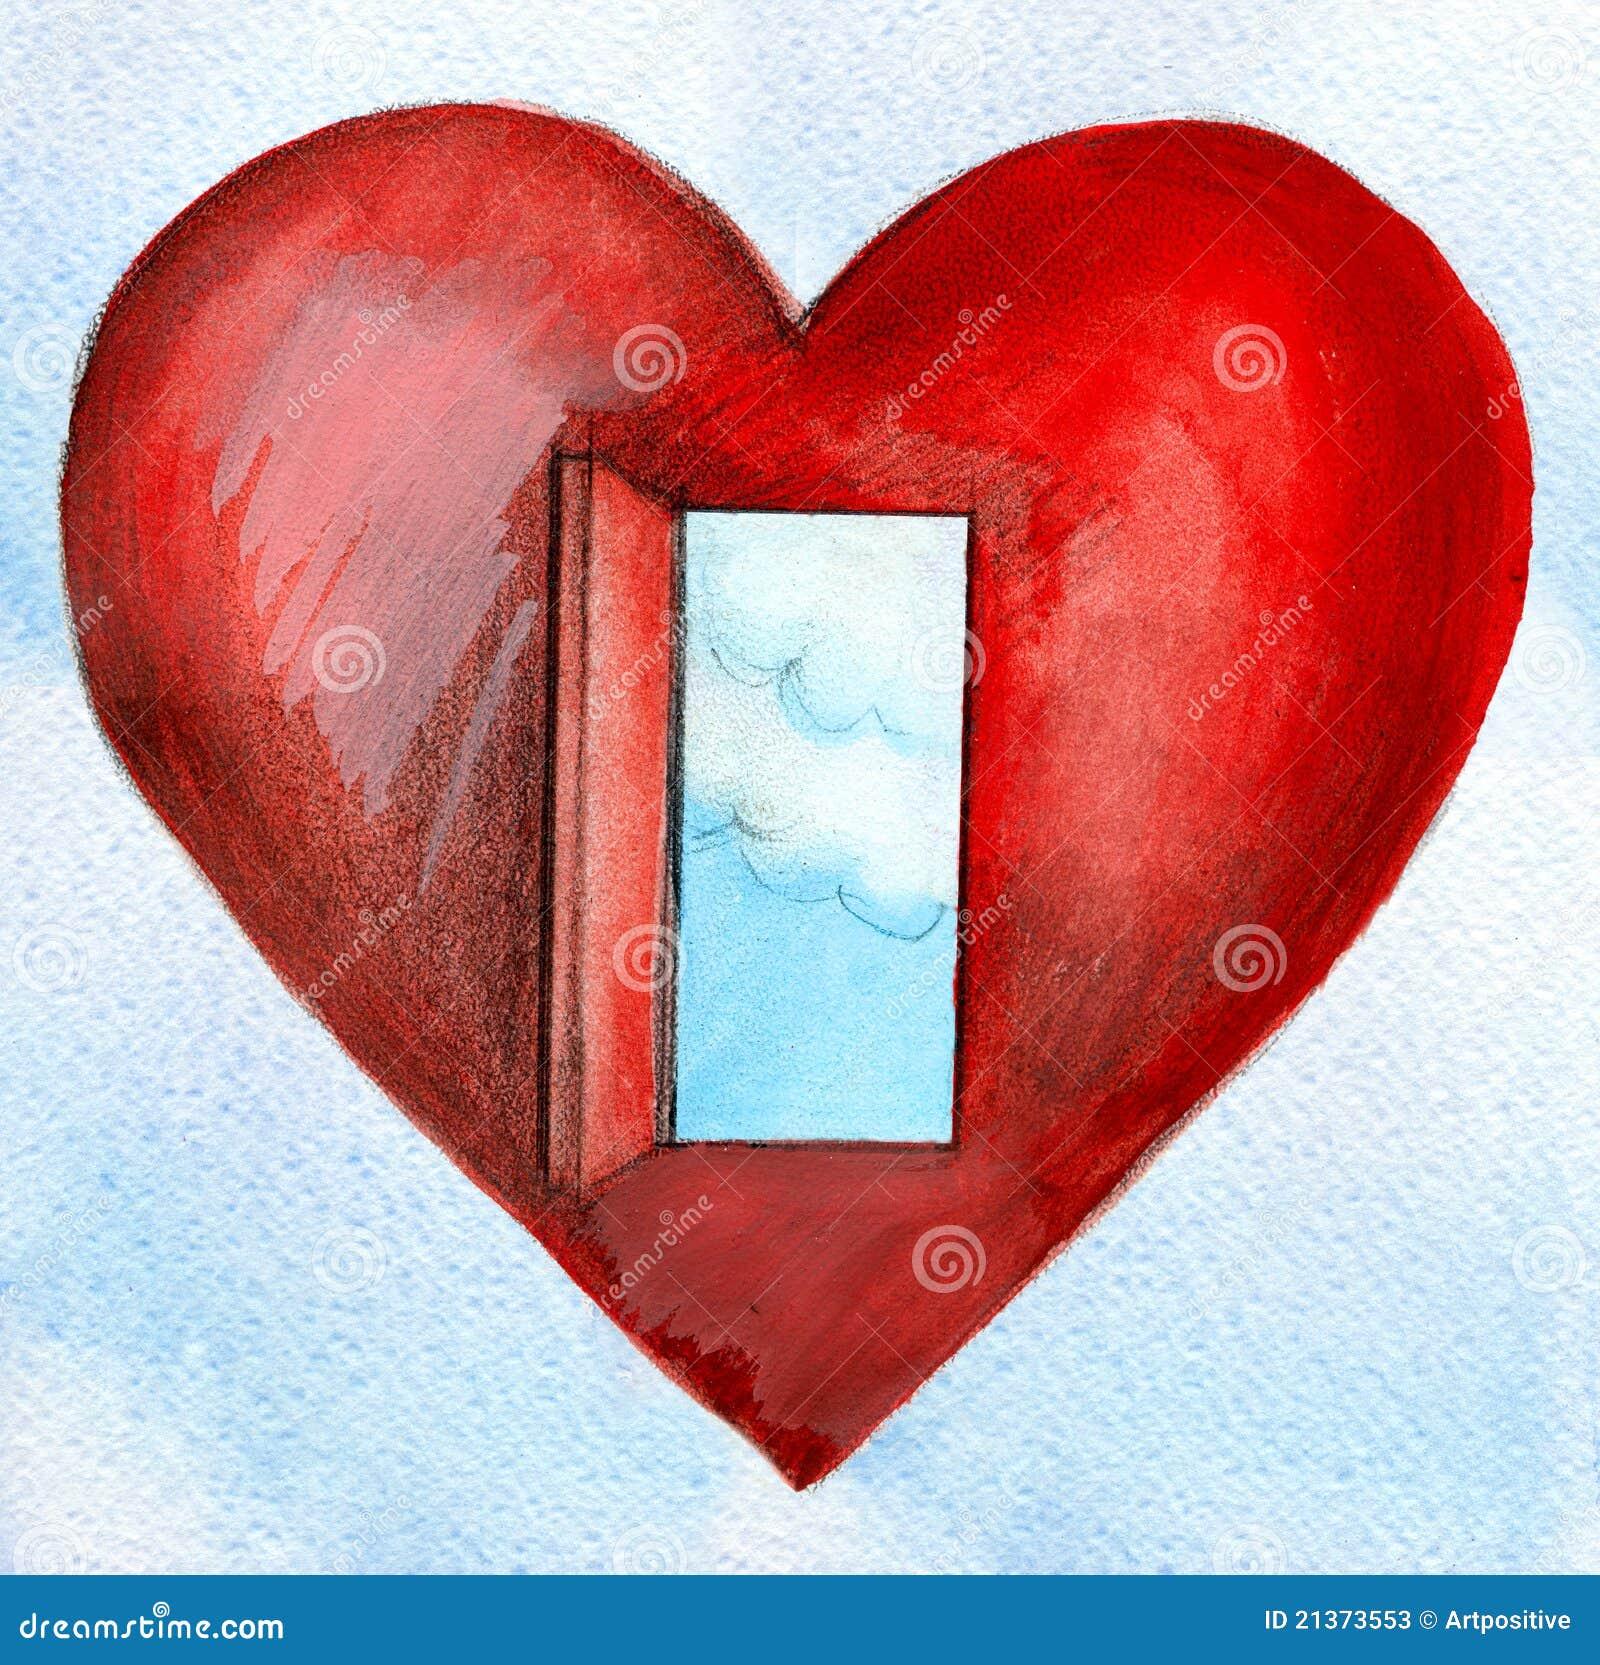 coeur rouge avec un ciel bleu et des nuages de porte ouverte photos stock image 21373553. Black Bedroom Furniture Sets. Home Design Ideas